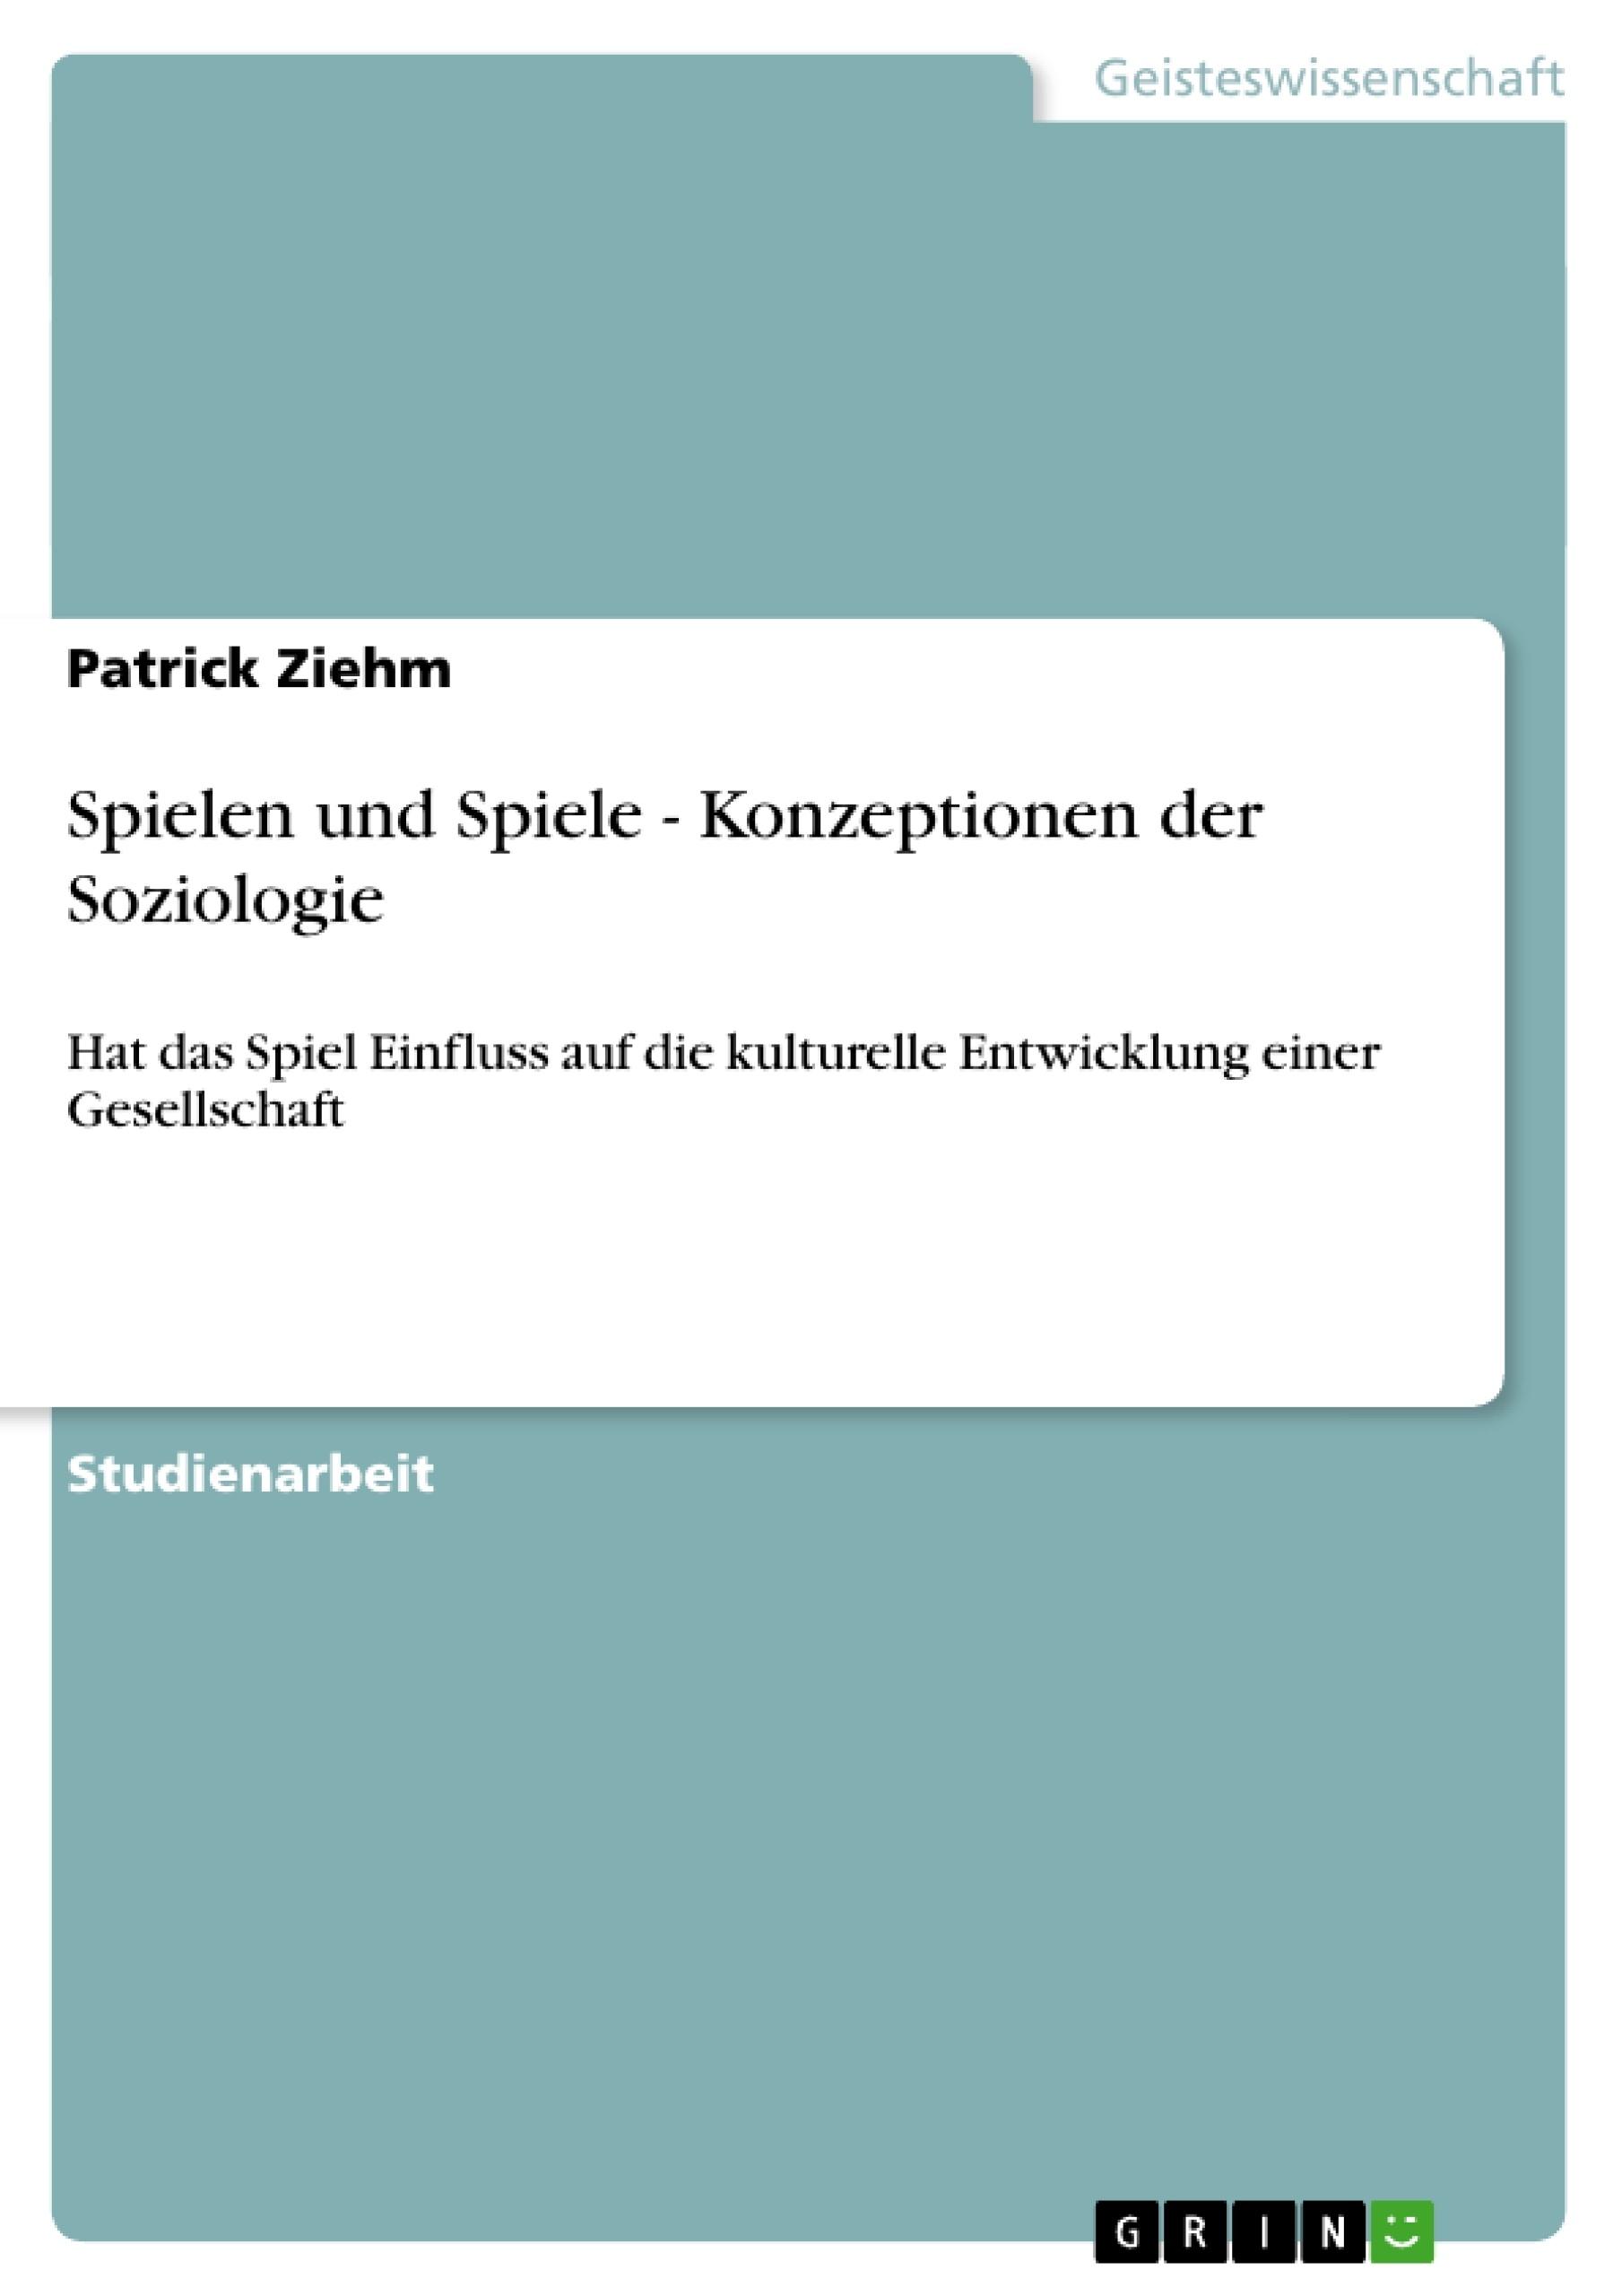 Titel: Spielen und Spiele - Konzeptionen der Soziologie